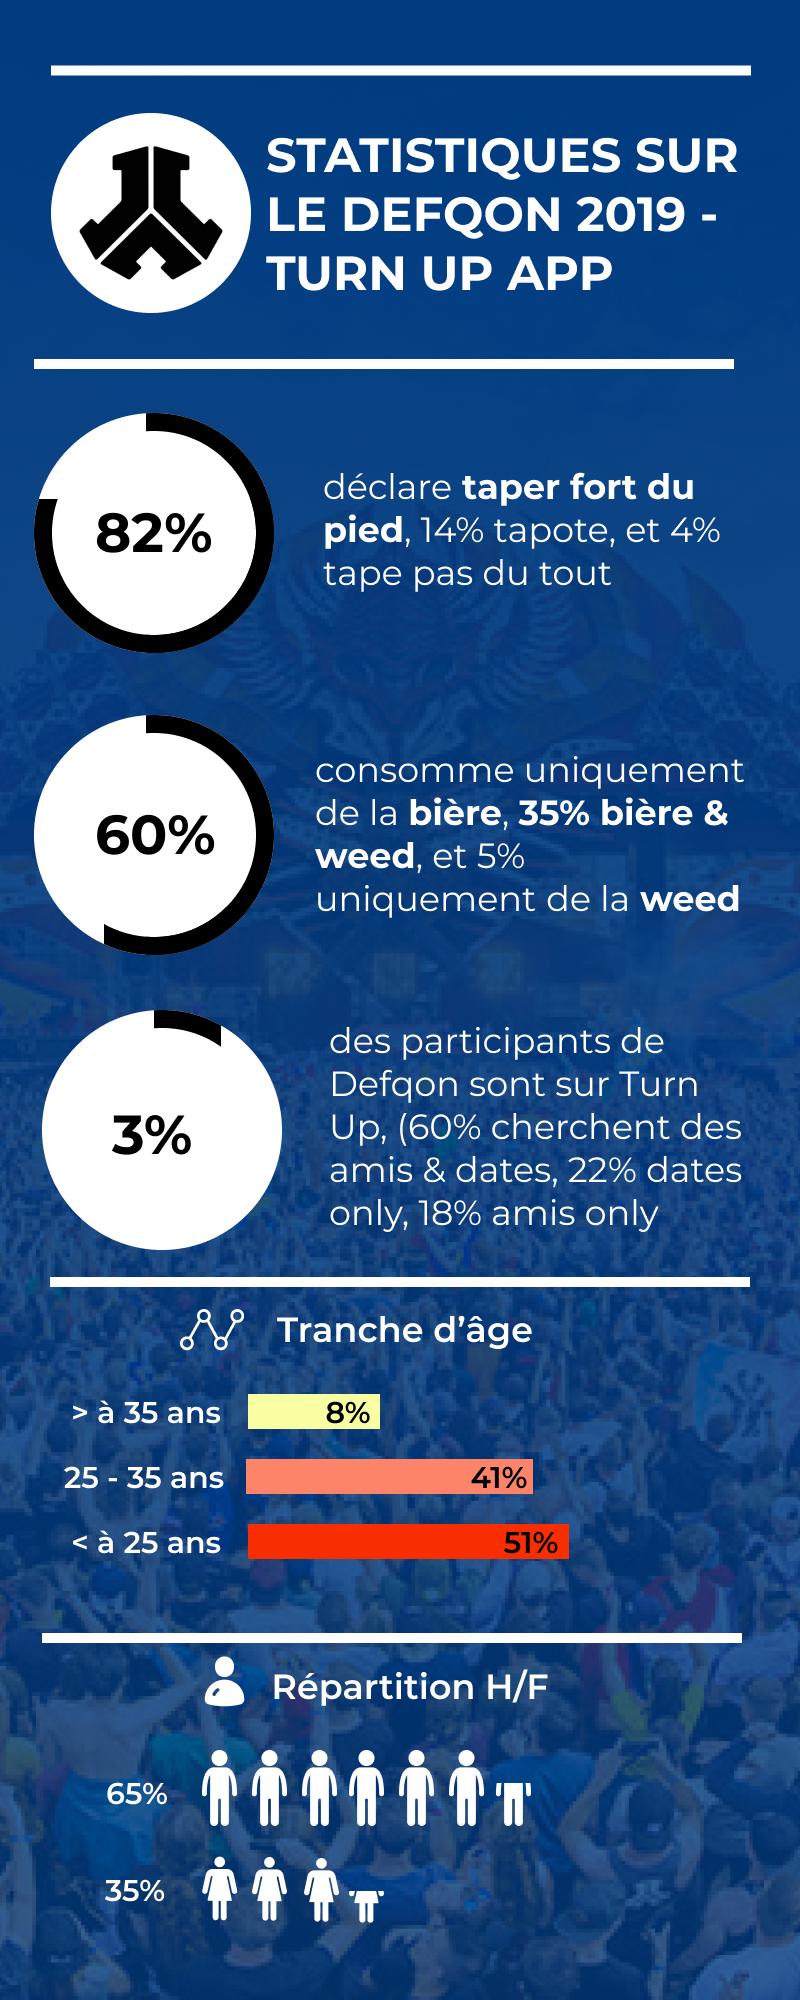 Infographie sur le Defqon 2019